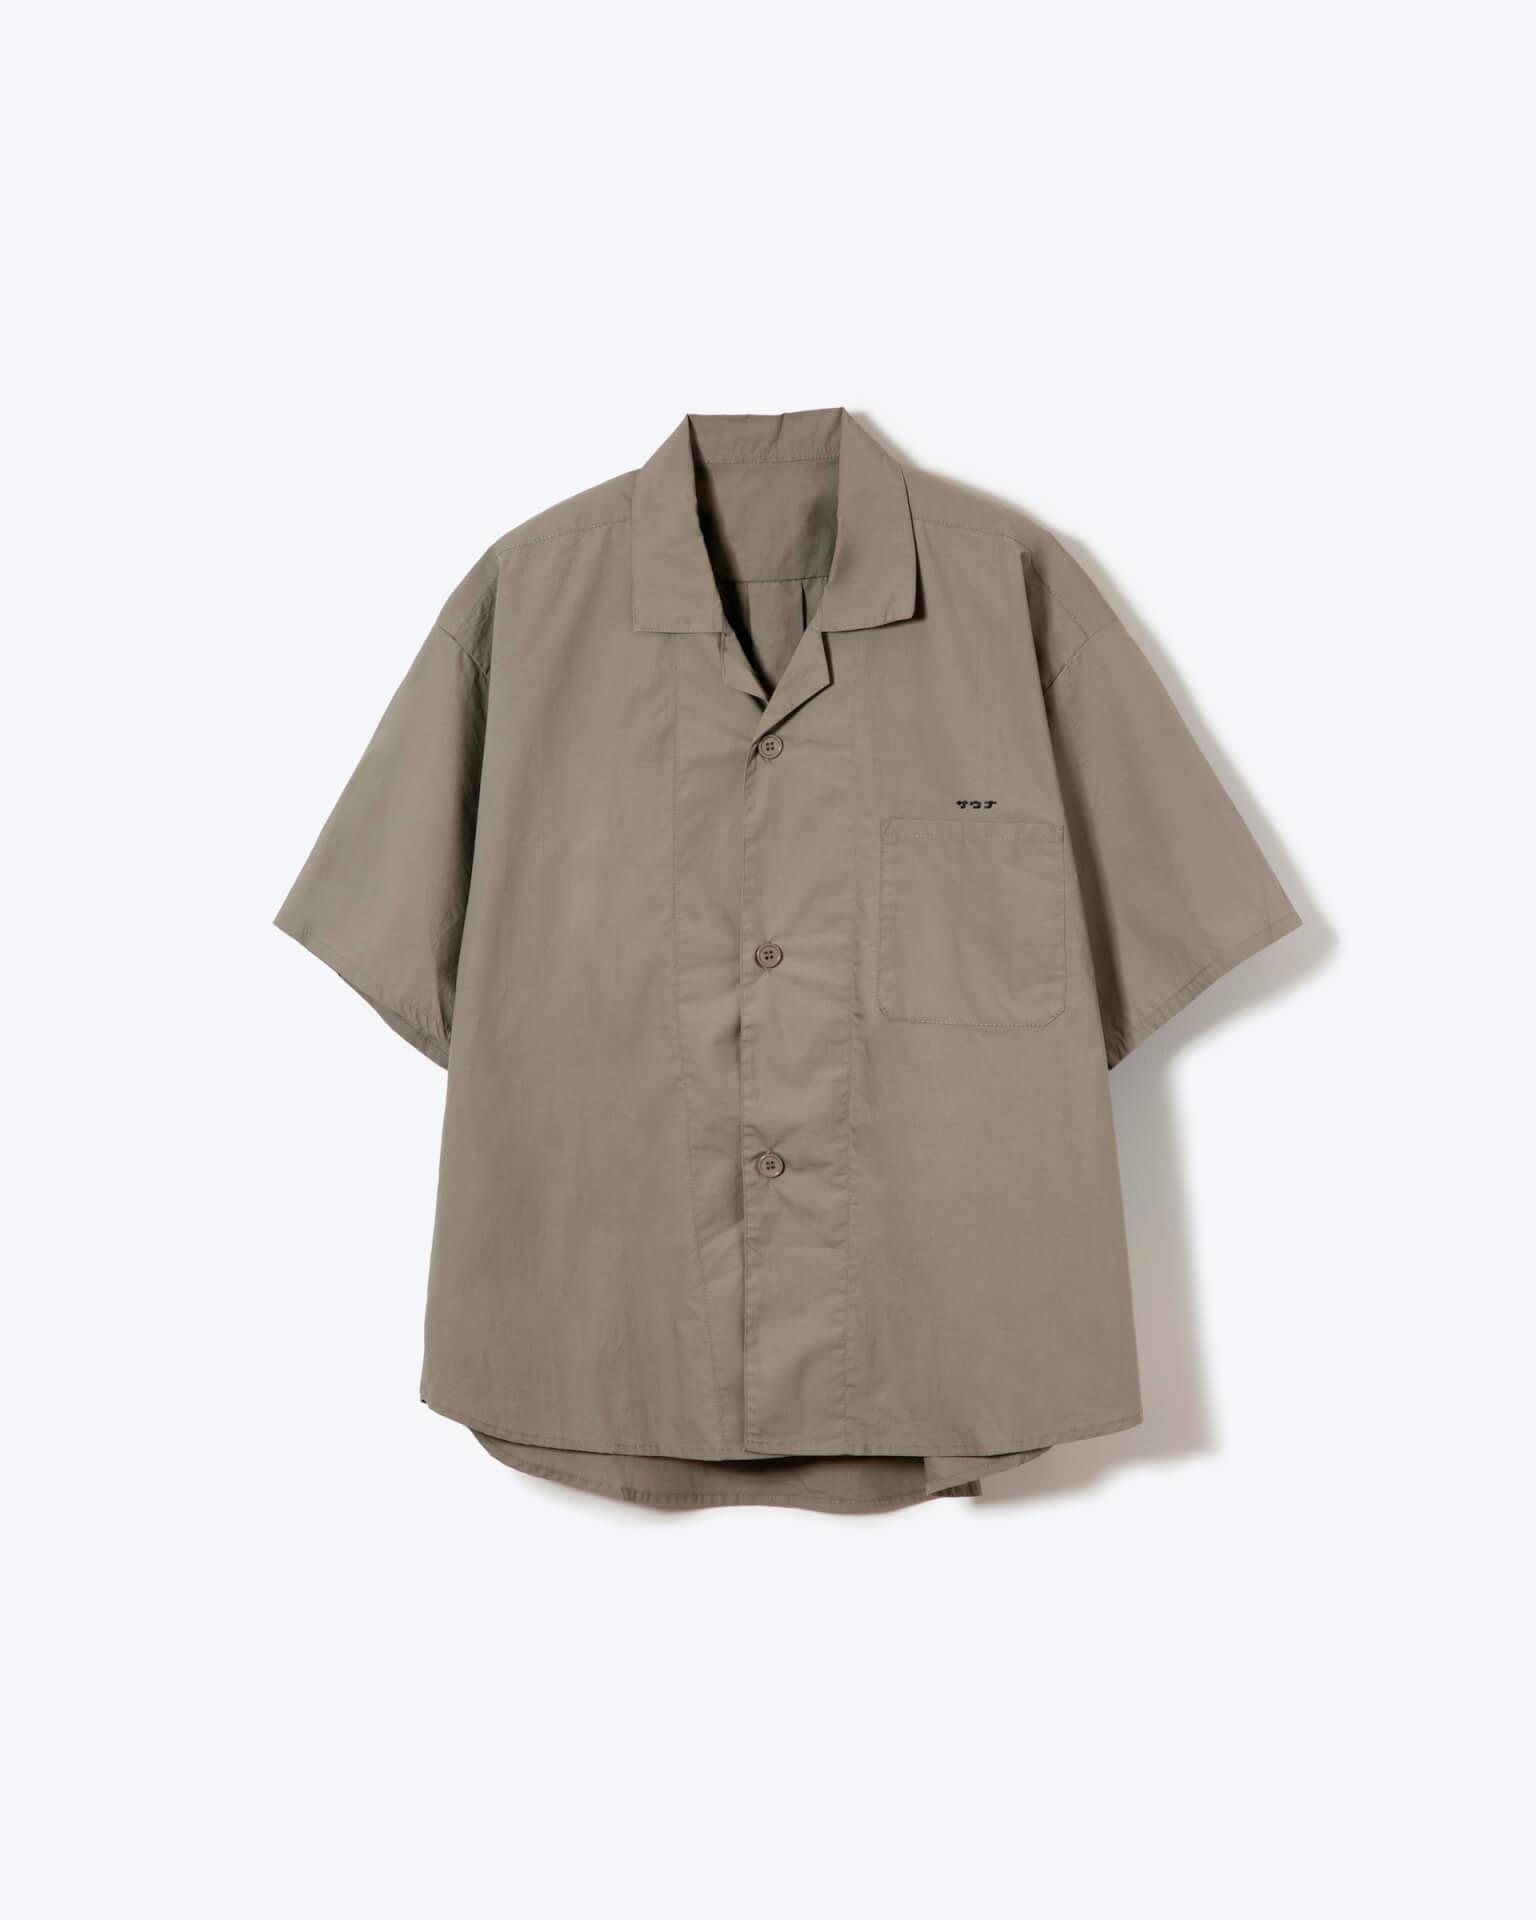 サウナイキタイのサウナグッズ2021年夏バージョンが発売!ペリカンシャツ、サコッシュなど5アイテムが登場 life210729_saunaikitai_5